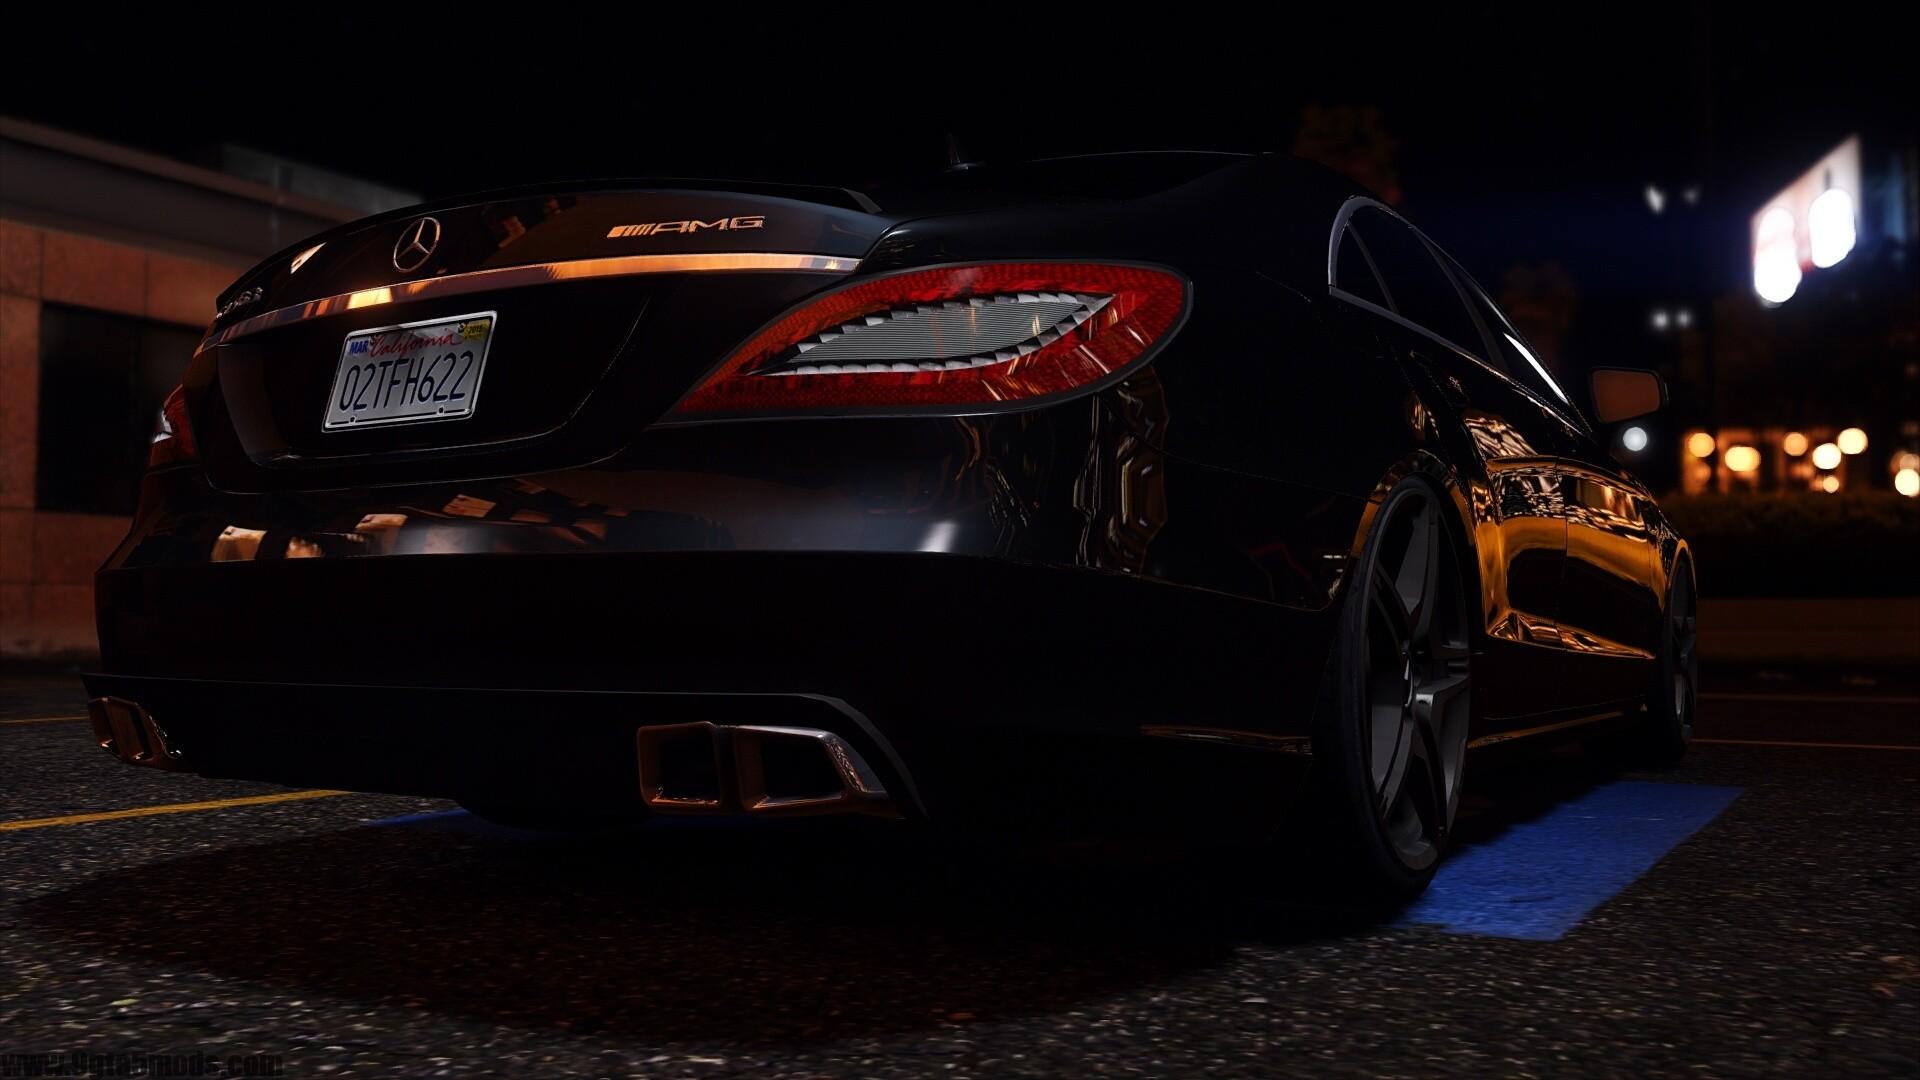 Mercedes-Benz CLS 6 3 AMG 1 2 - Mods car - 9gta5mods com